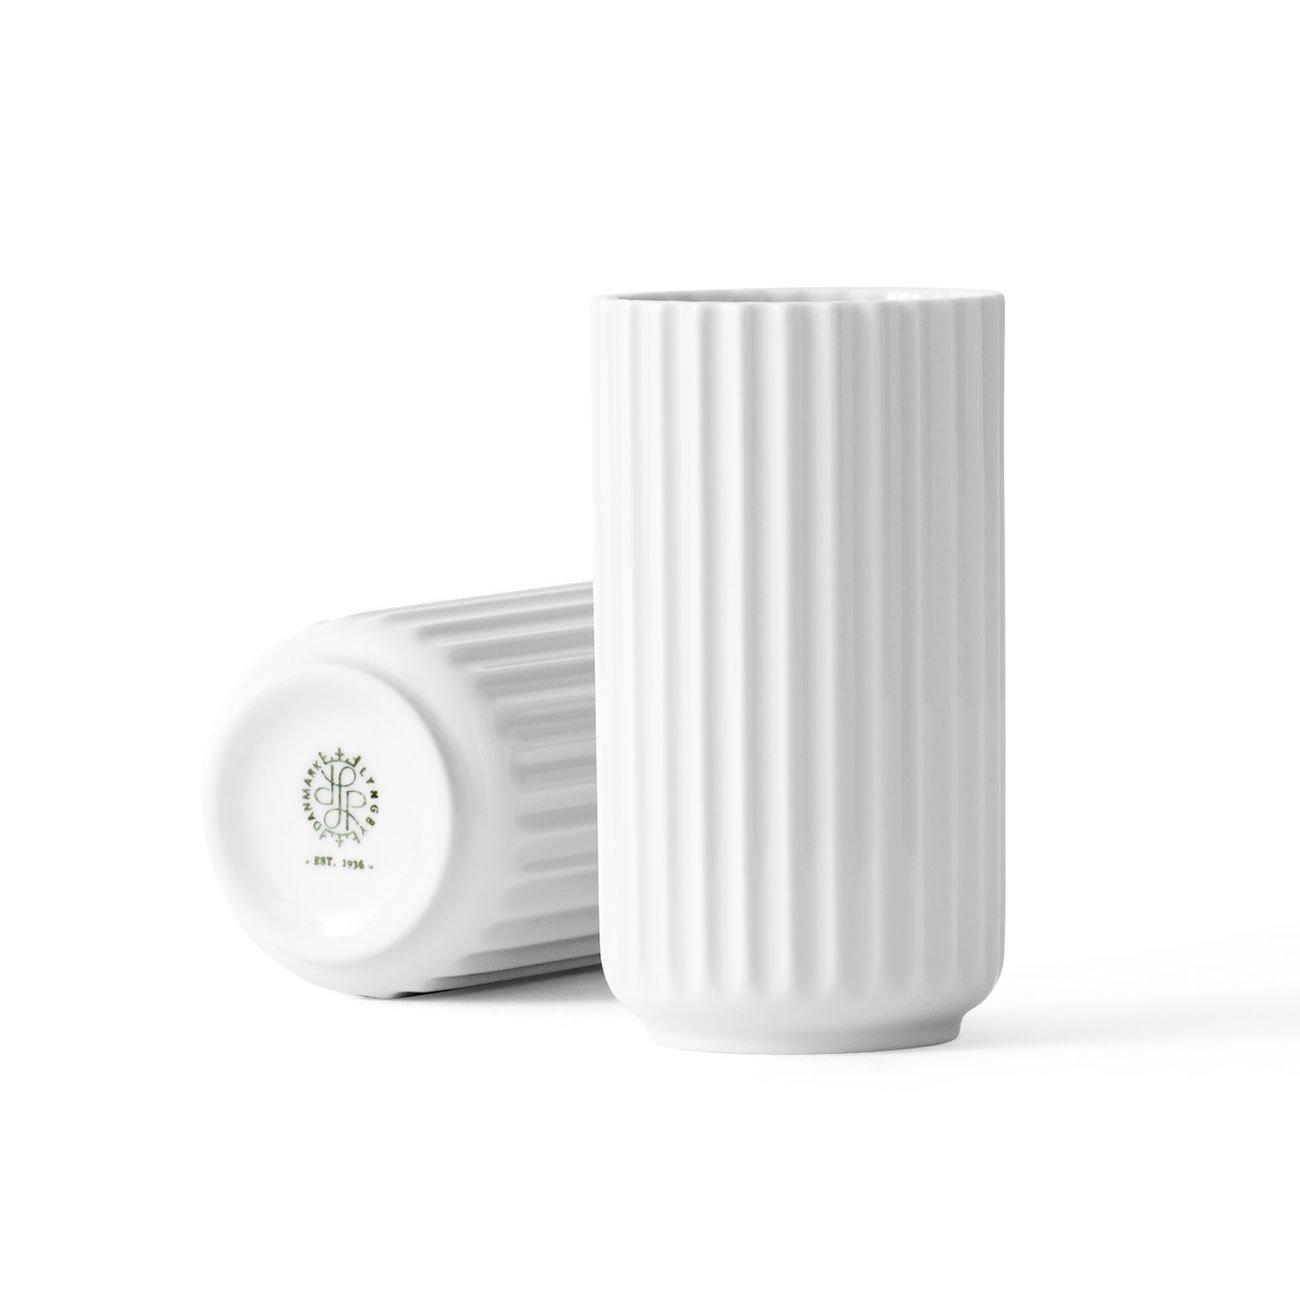 Lyngby Porcelaen - Lyngby Vase - Blumenvase - weiß - Porzellan Ø 8 cm Höhe 15 cm